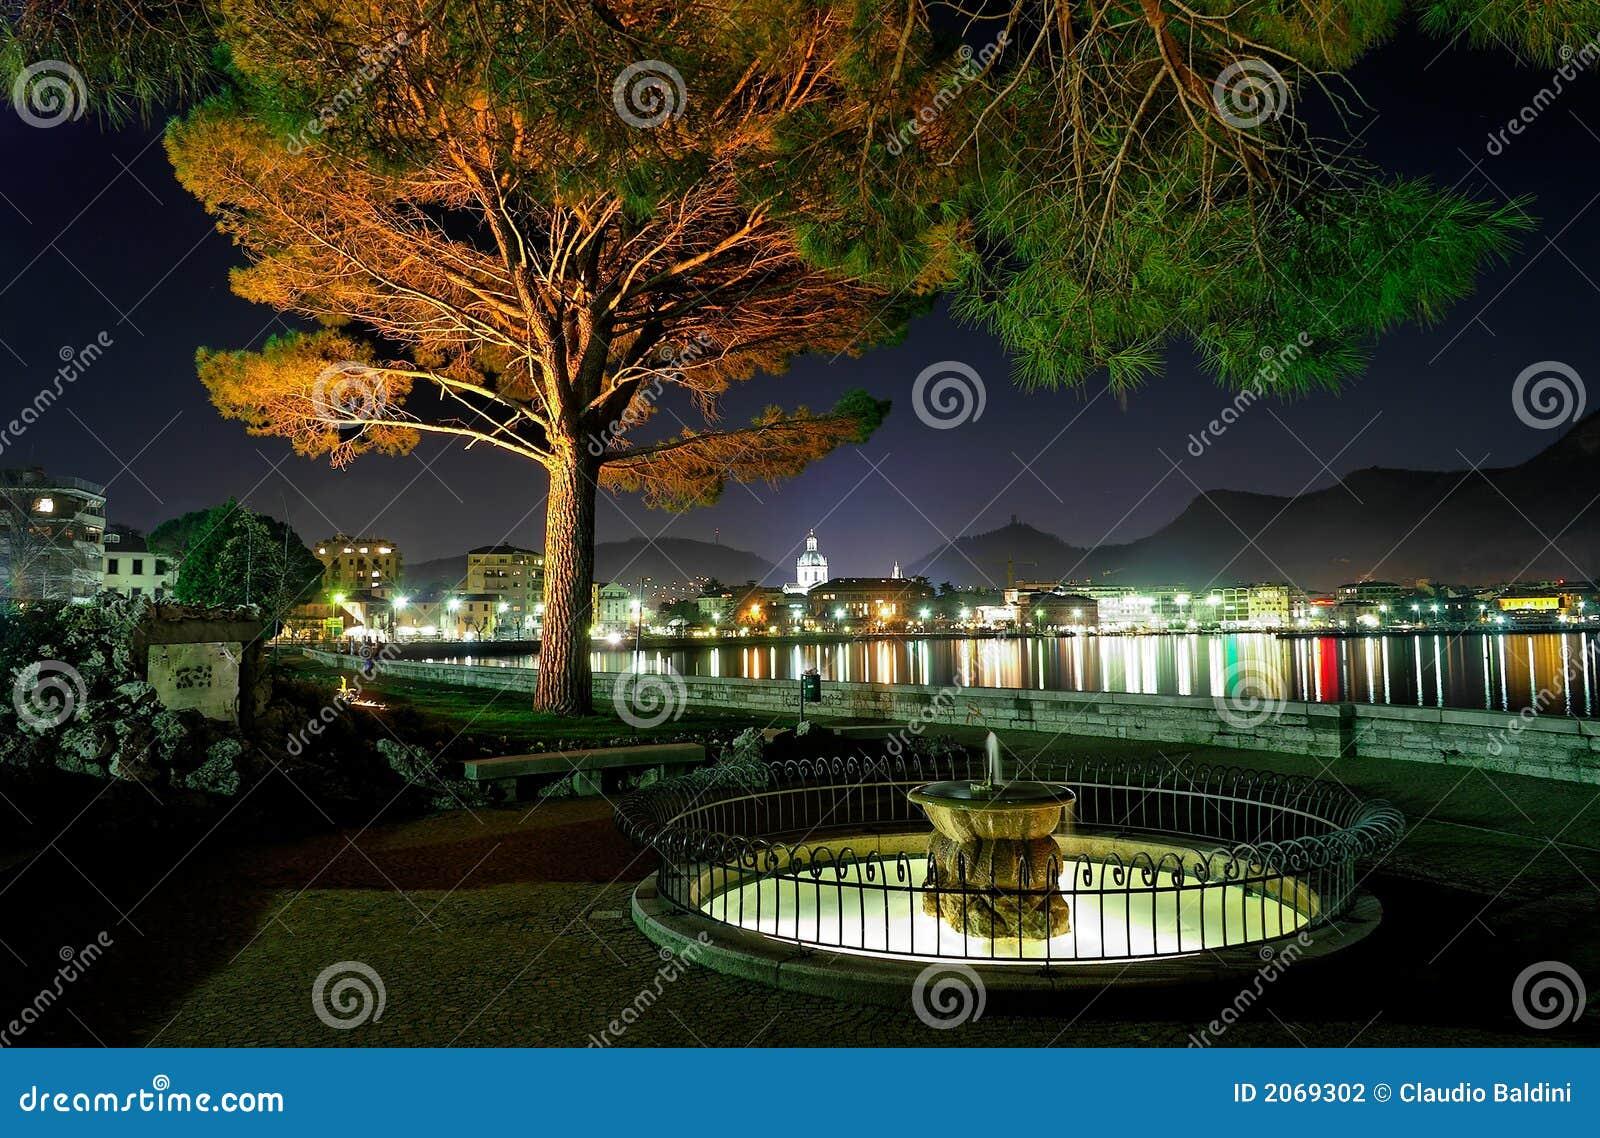 Lakeside city at nigh